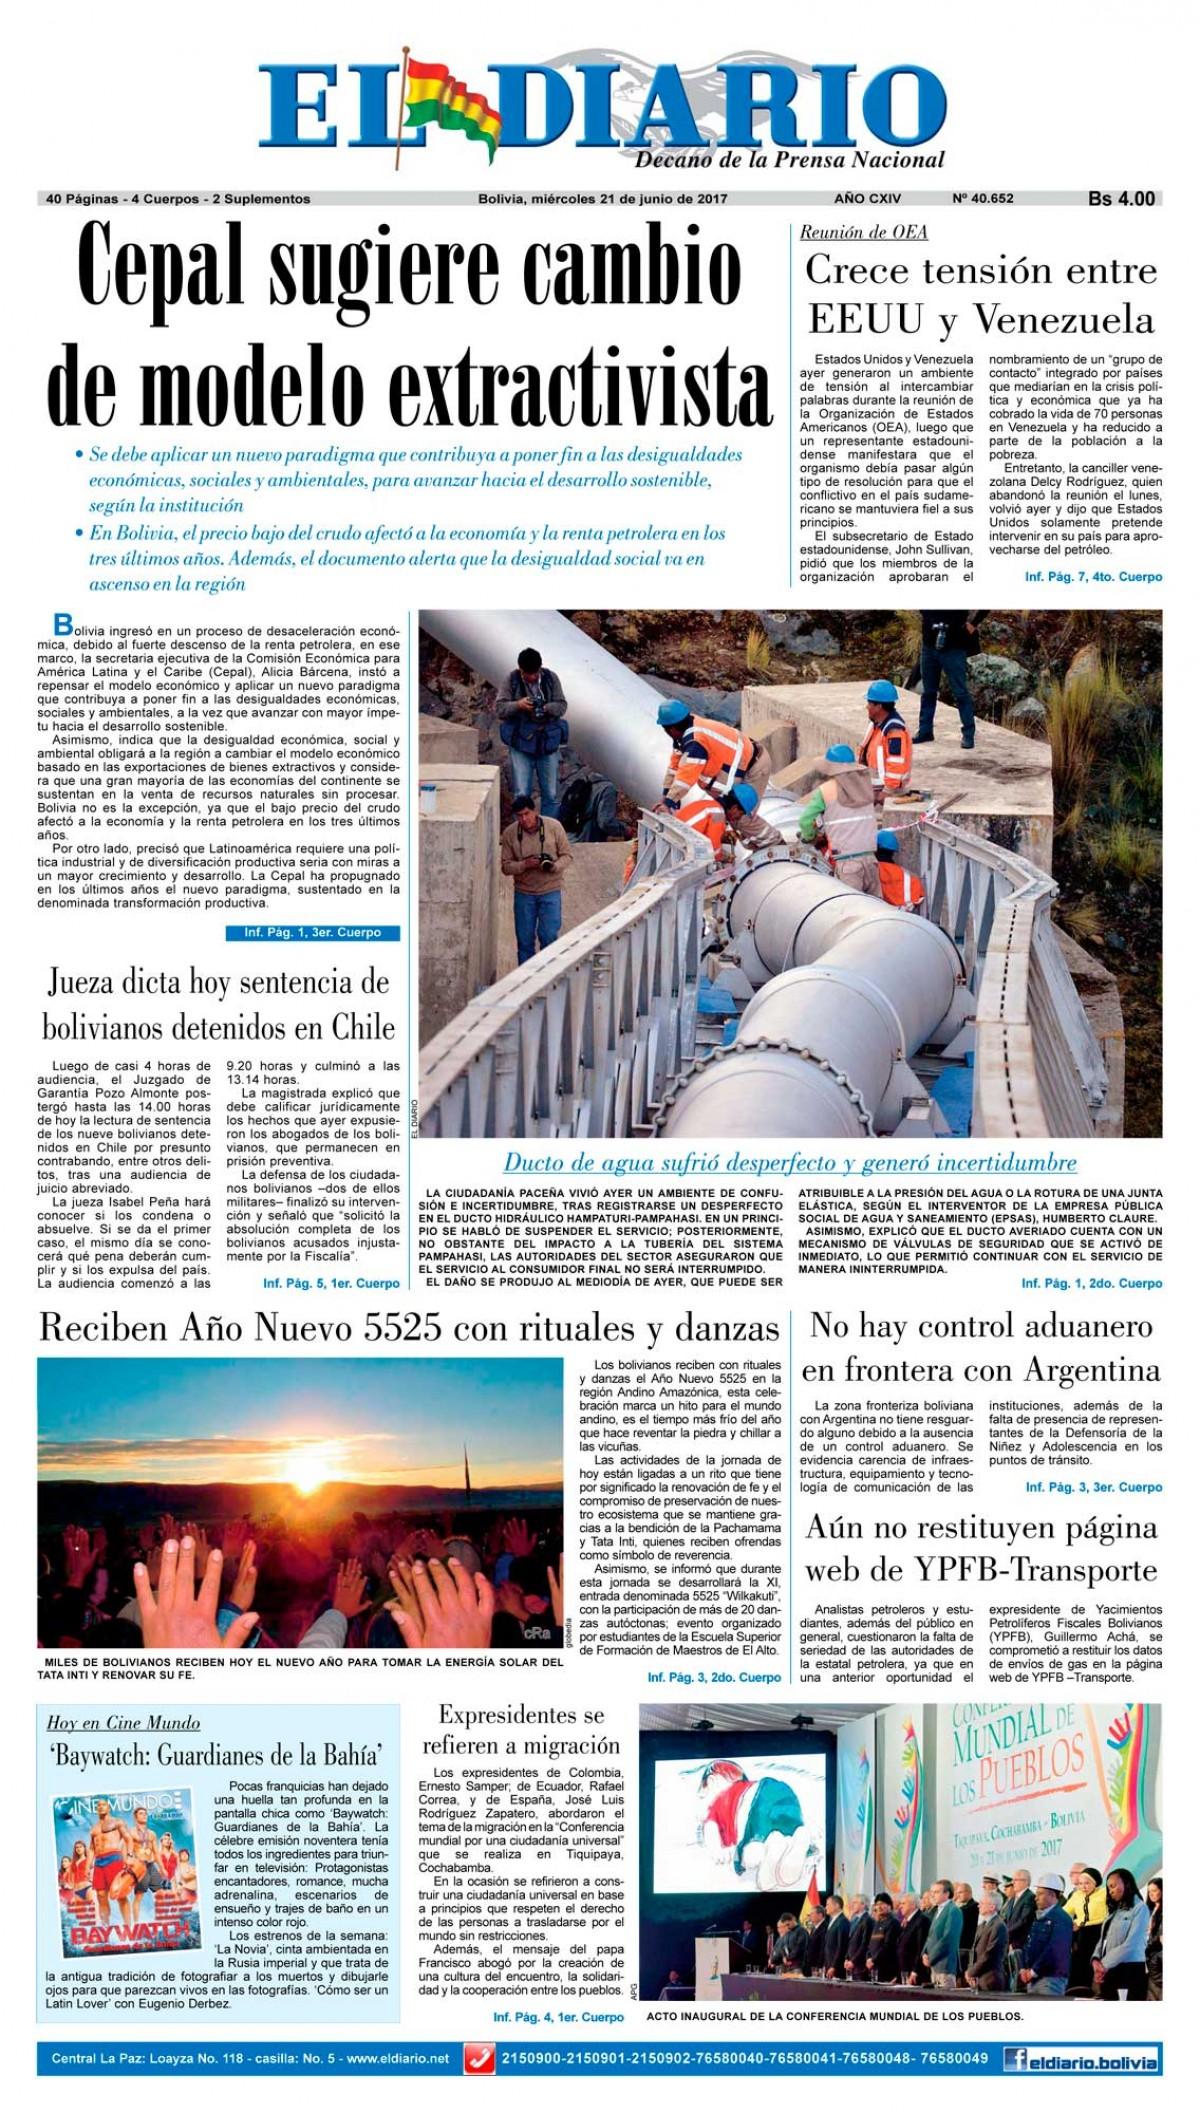 eldiario.net594a5c5560e9c.jpg